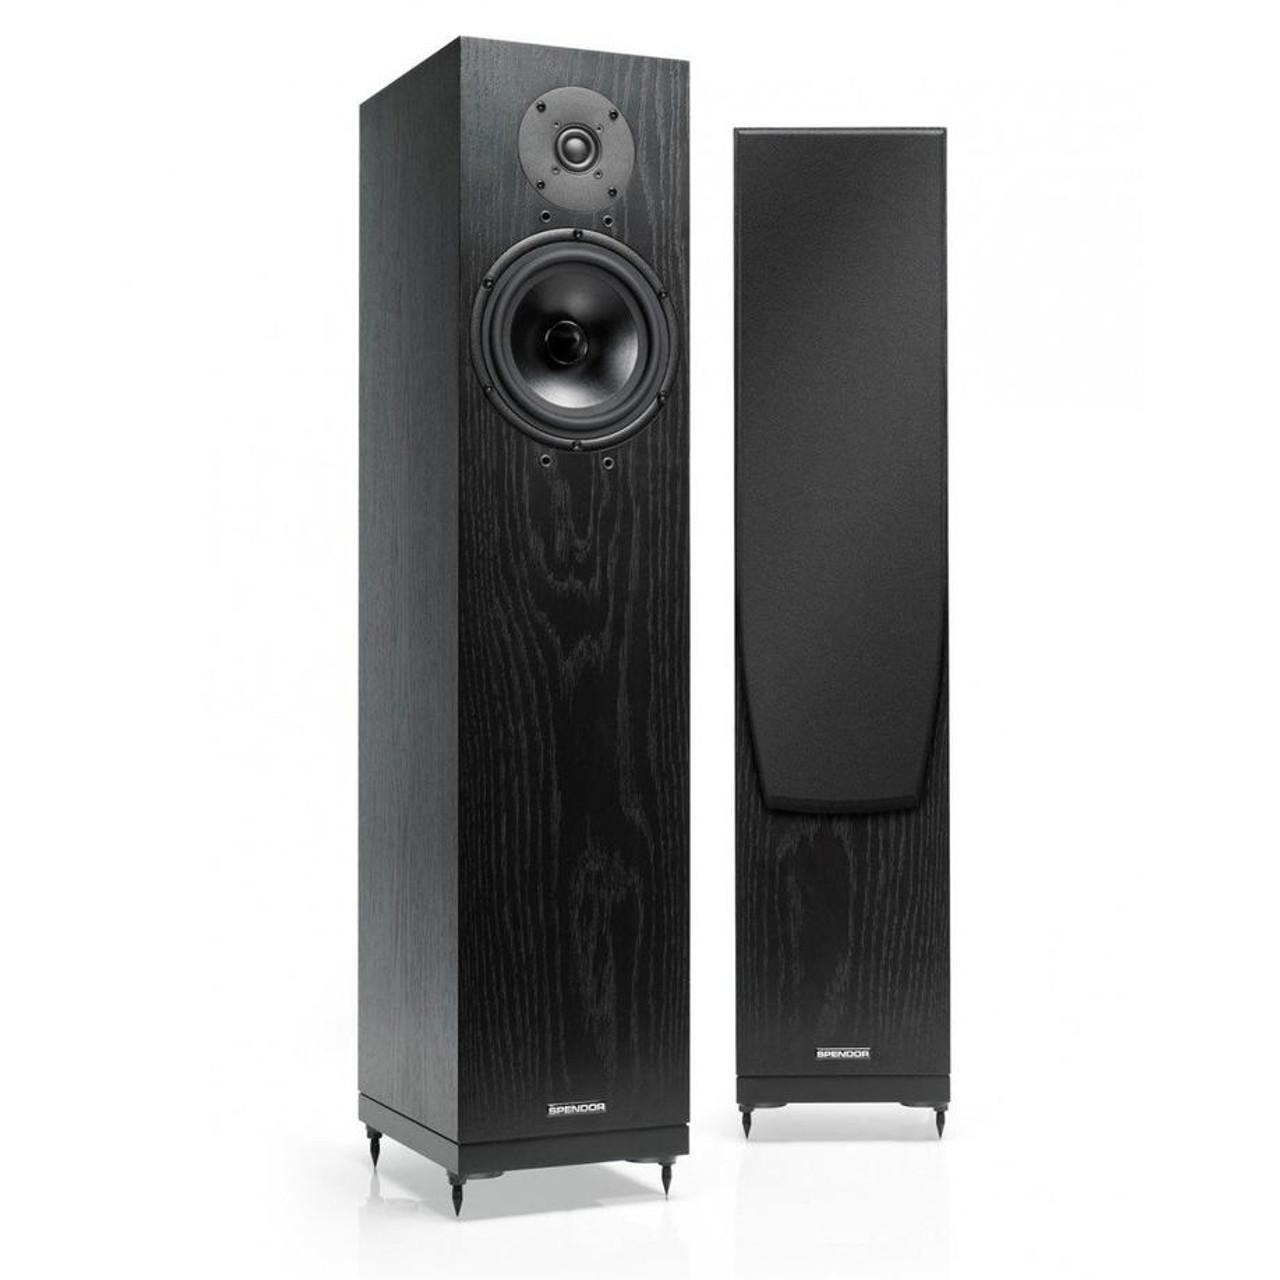 Spendor A7 speakers